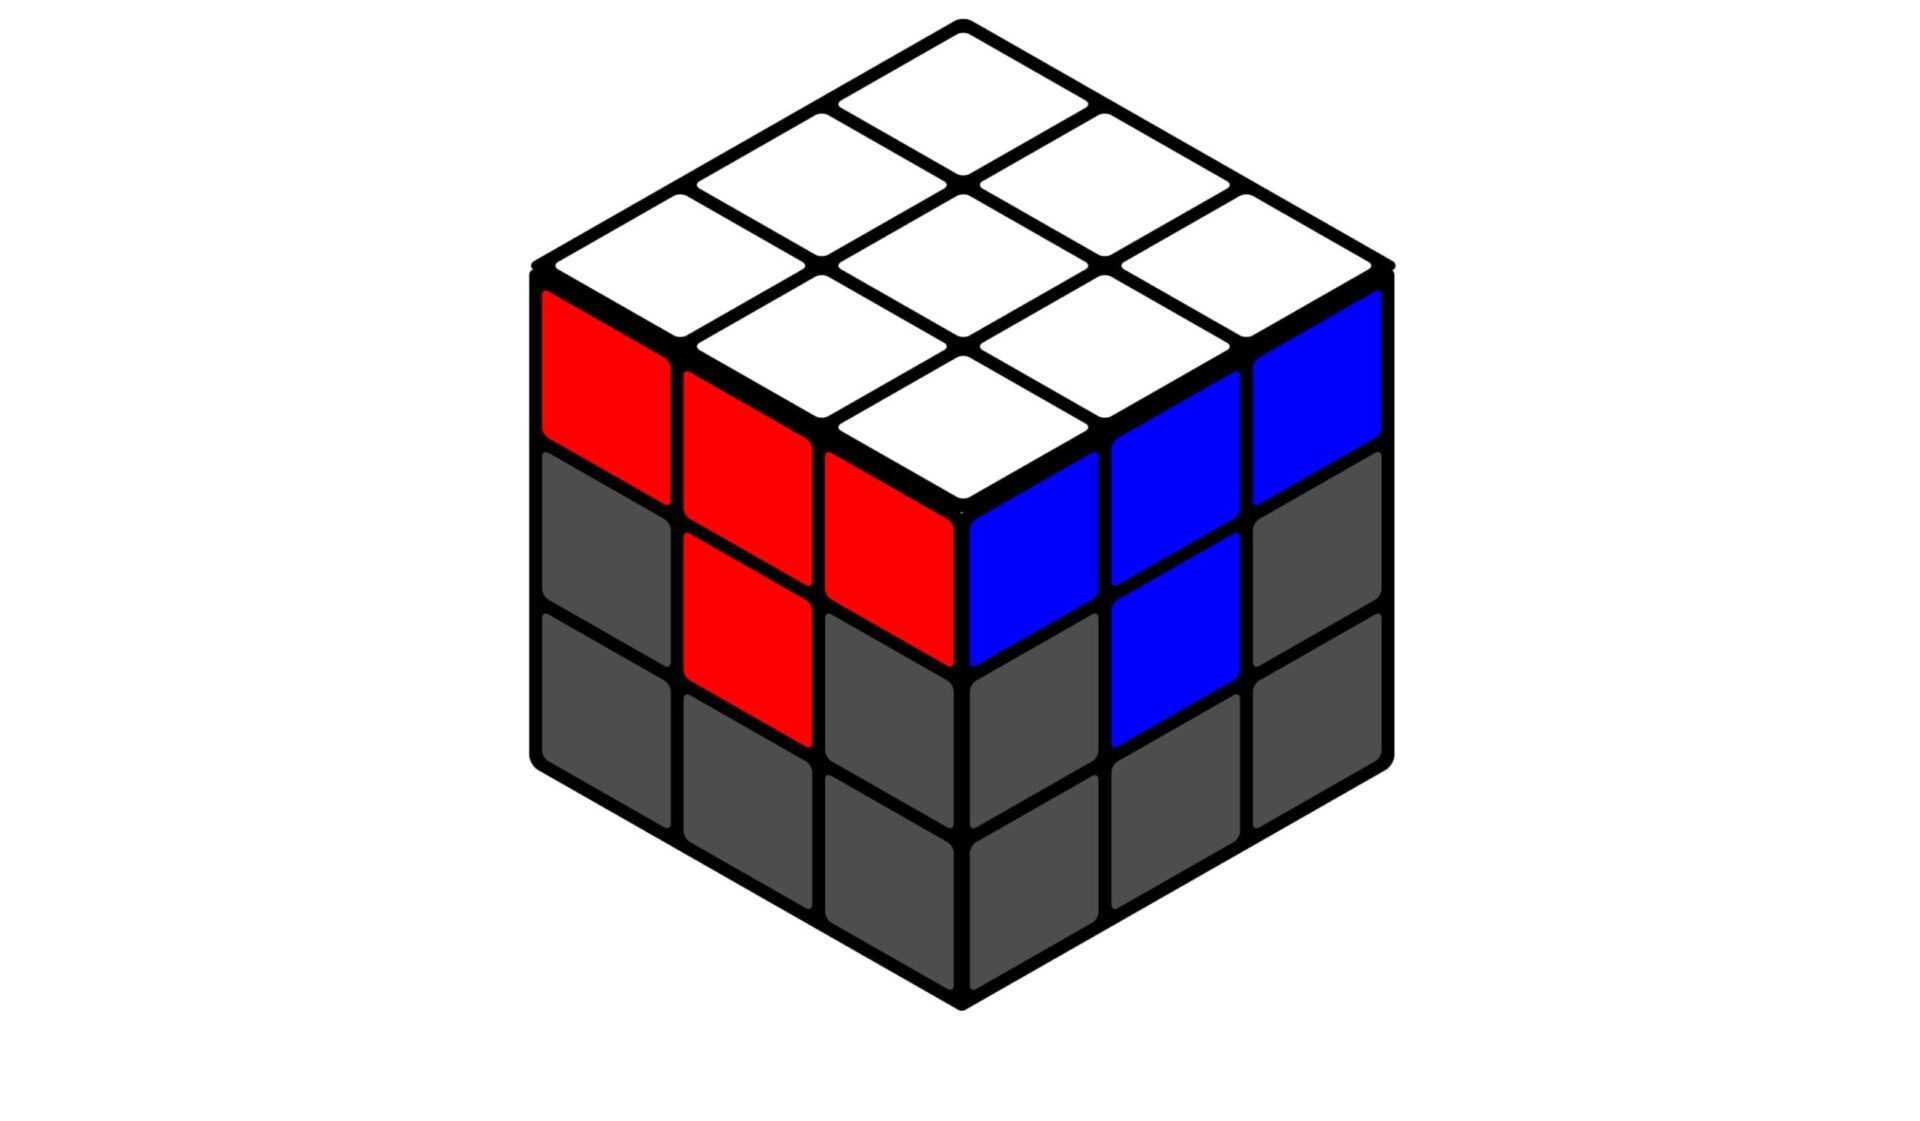 Кубик Рубика белая сторона-1